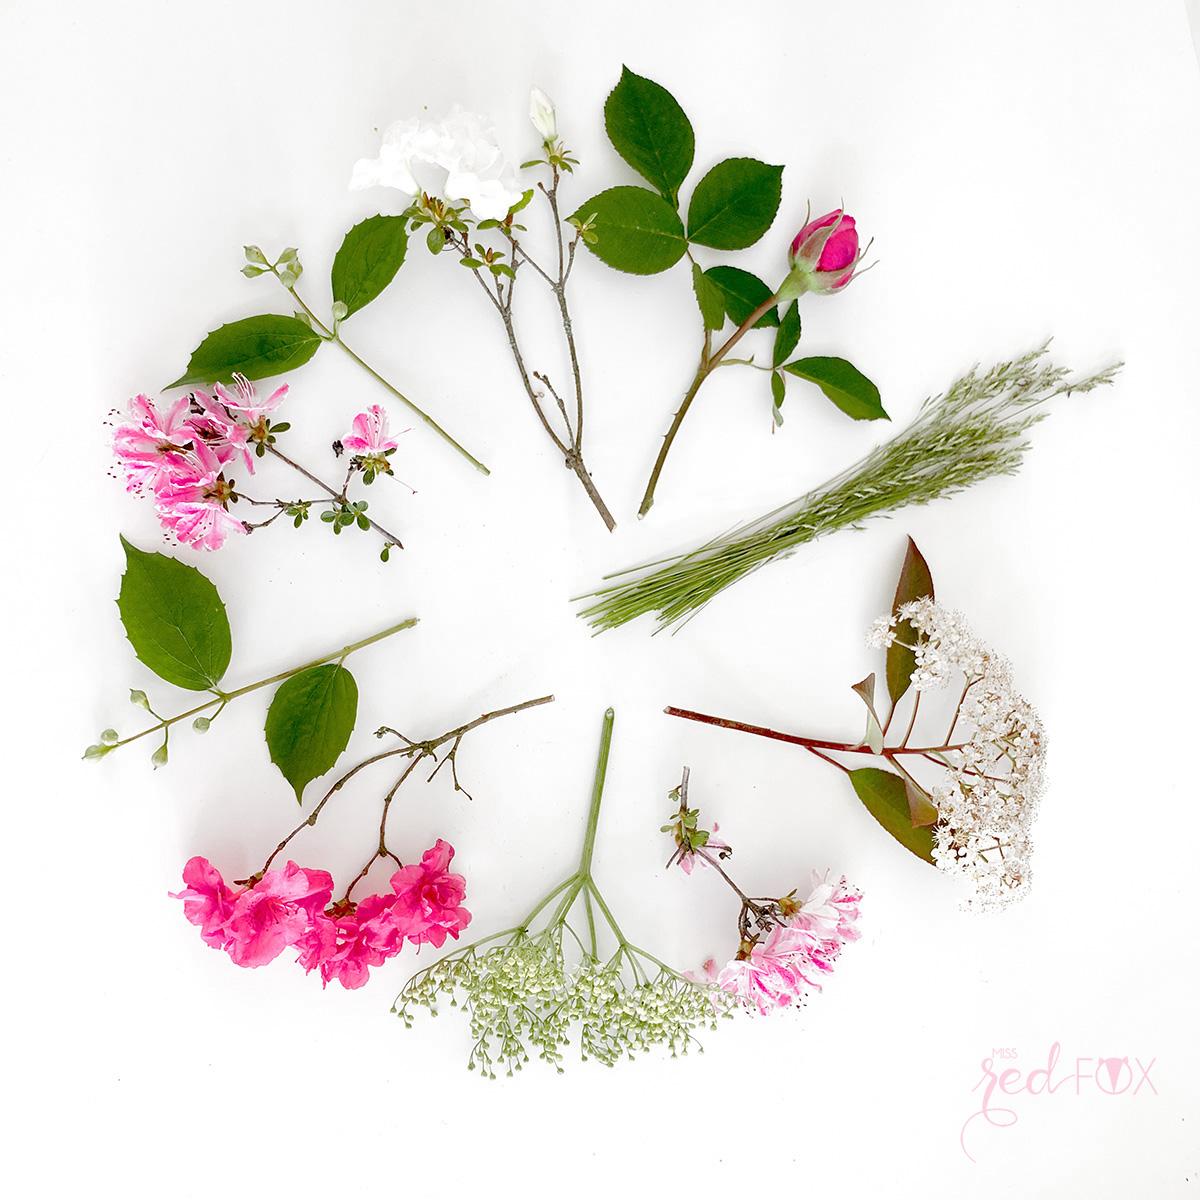 missredfox - 12giftswithlove - 05 - Blumen - Eiswaffel Blumenstrauß - 02